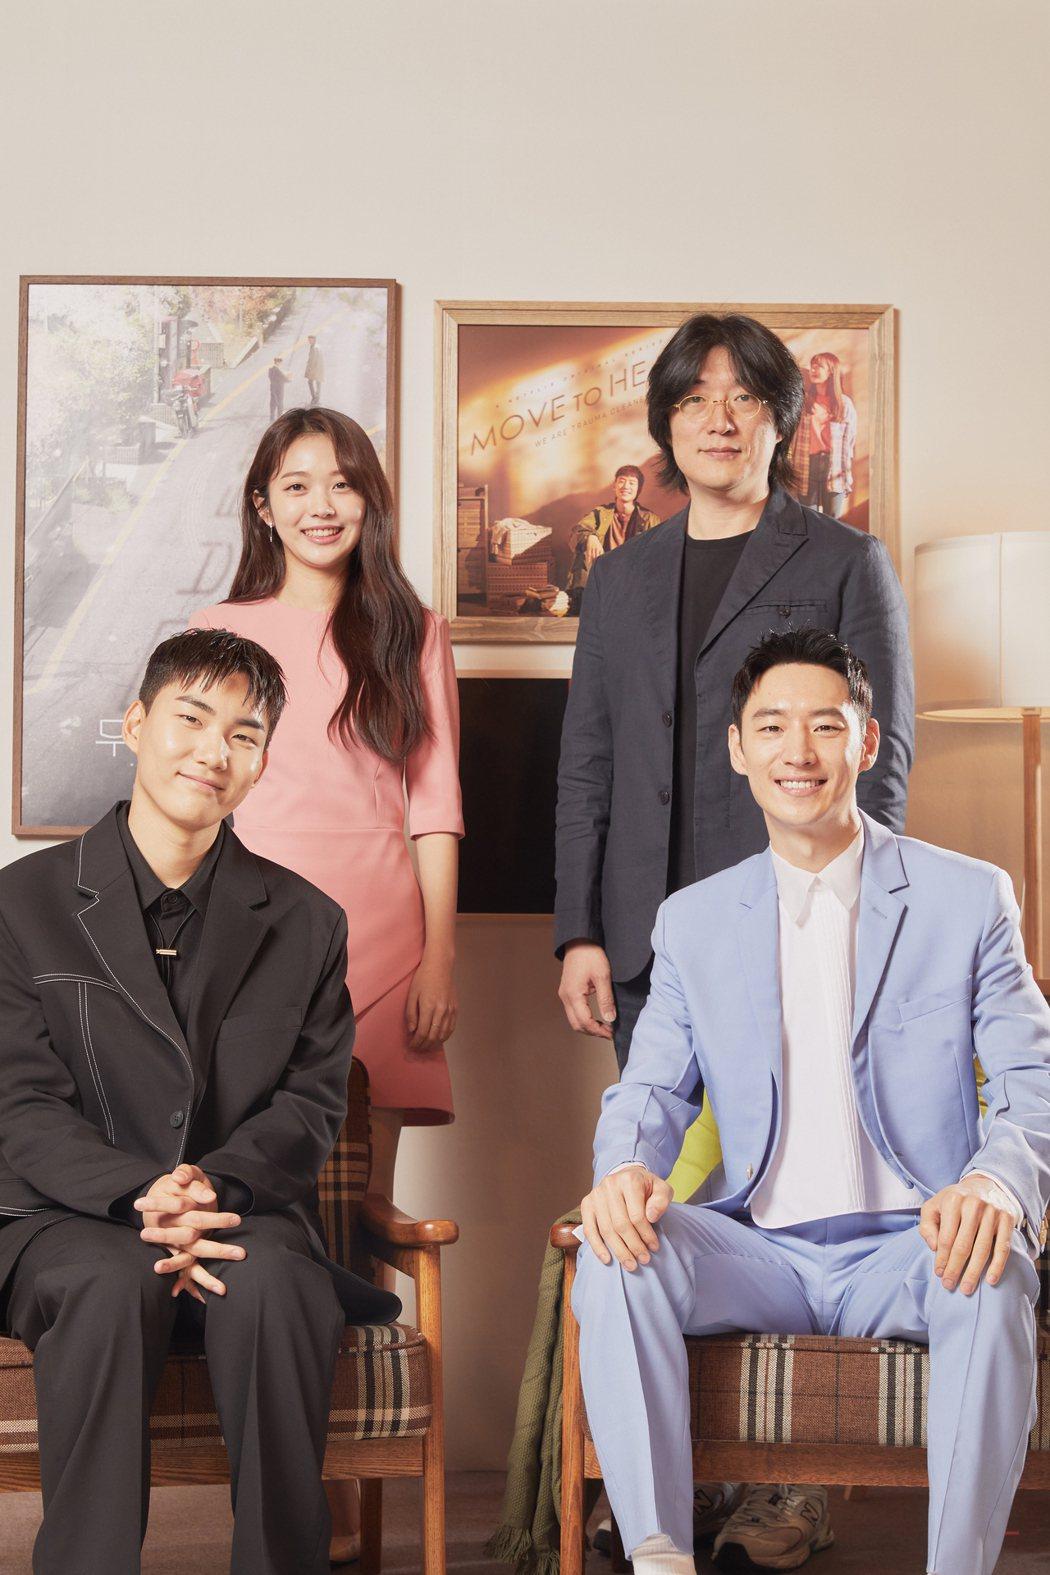 洪承希(左後)、導演金晟浩(右後)、陳俊翔(左前)以及李帝勳(右前)帶來暖心療癒...